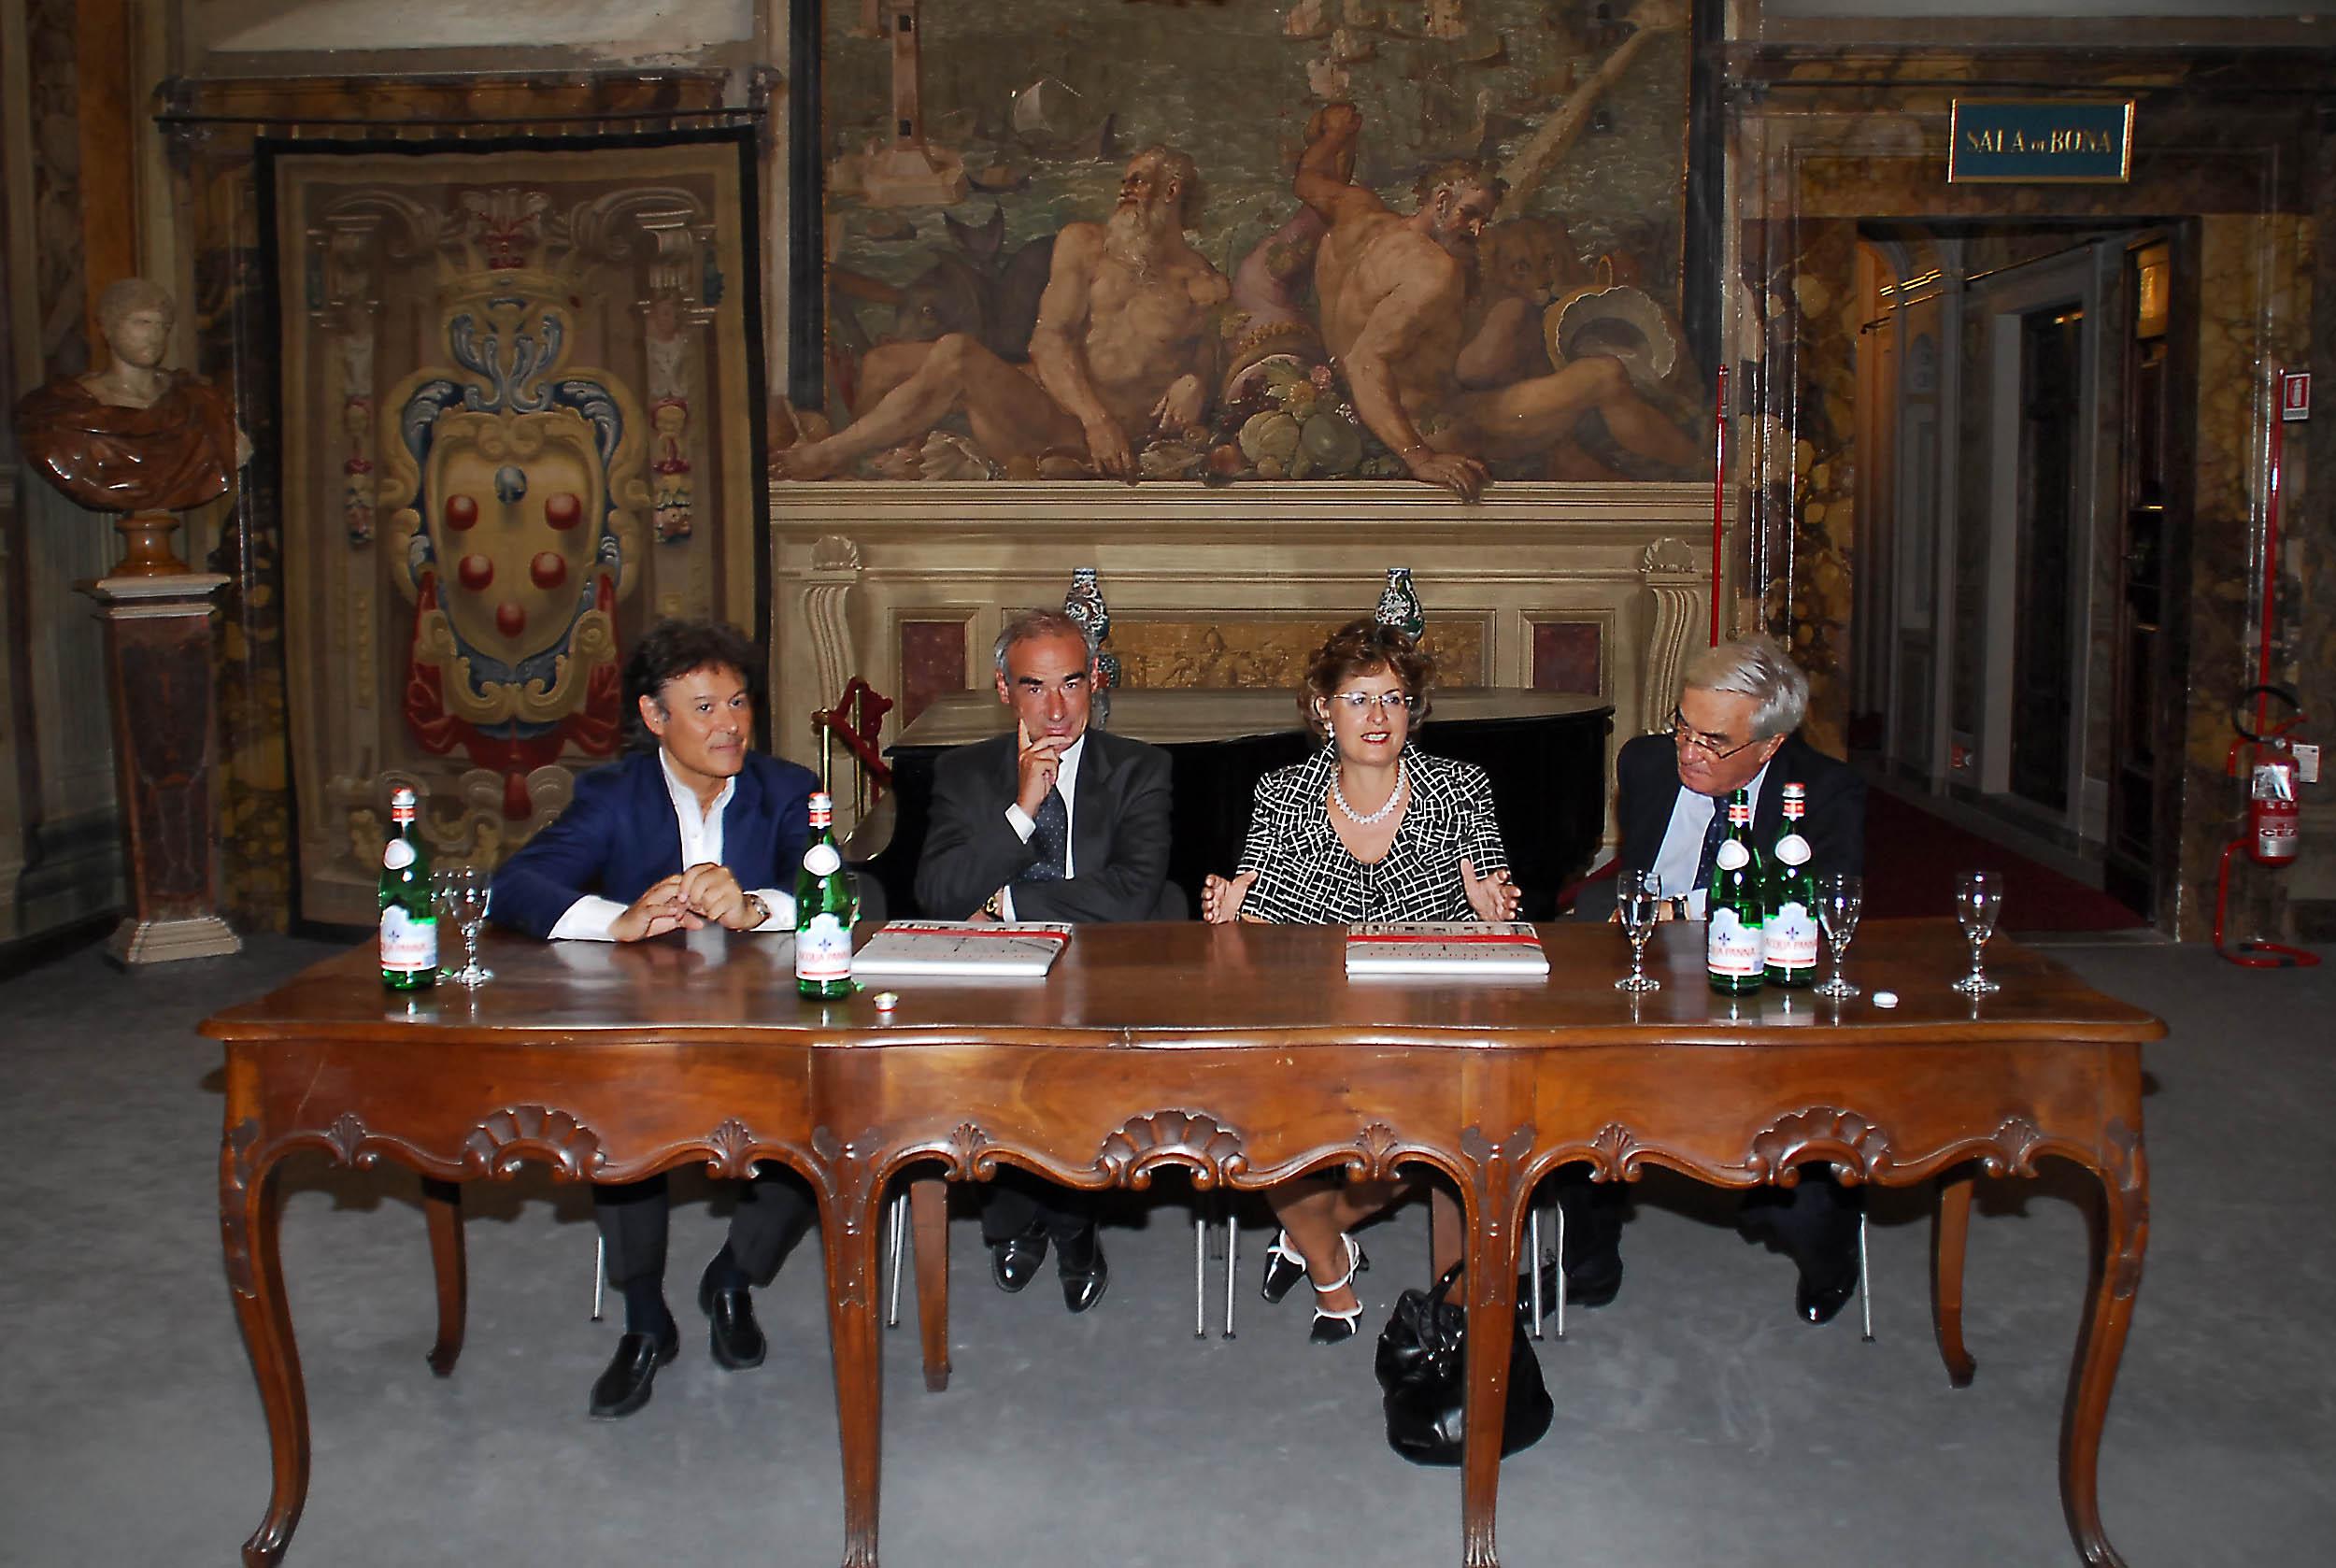 PRESSPHOTO  Firenze, Palazzo Pitti Galleria Palatina, mostra fotografica di Massimo Listri. Nella foto da sx Massimo Listri, Alessandro Cecchi, Cristina Acidini e Umberto Allemandi